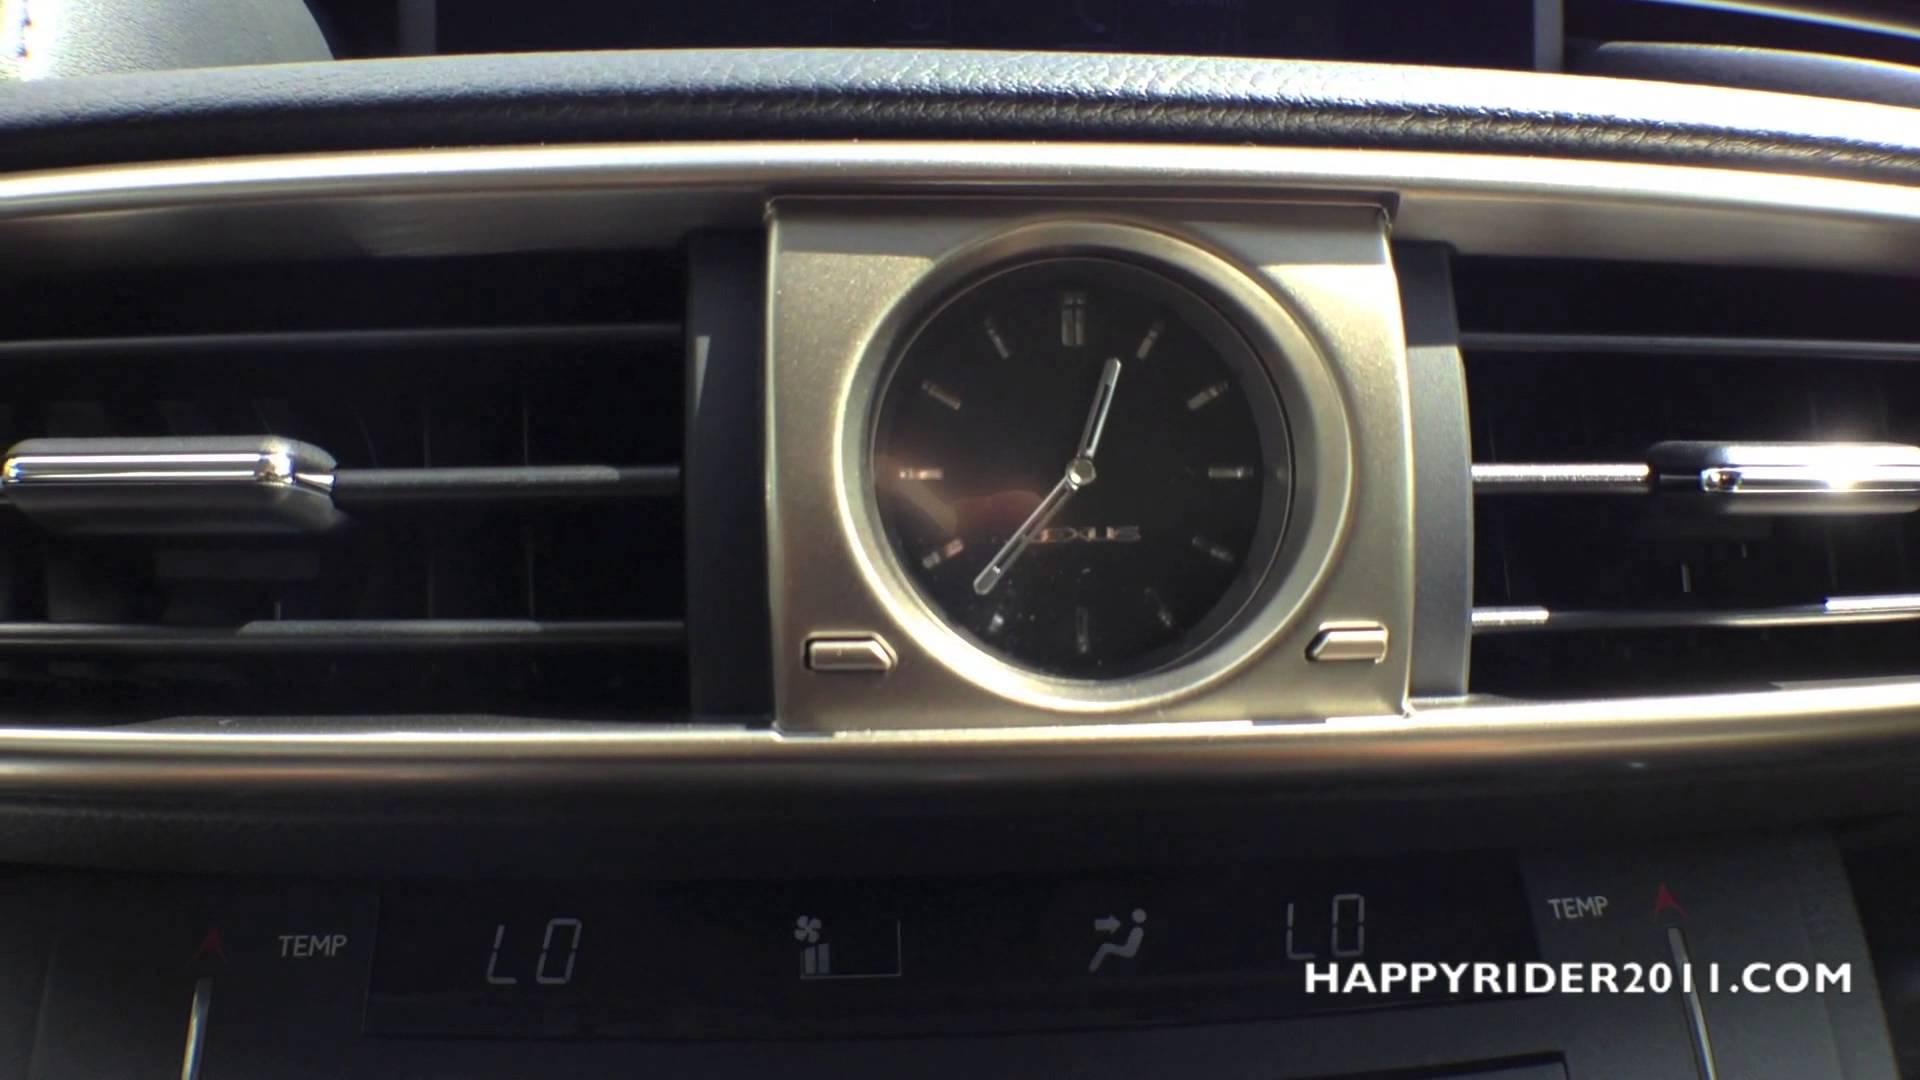 2015 Lexus IS250 Car Review Video